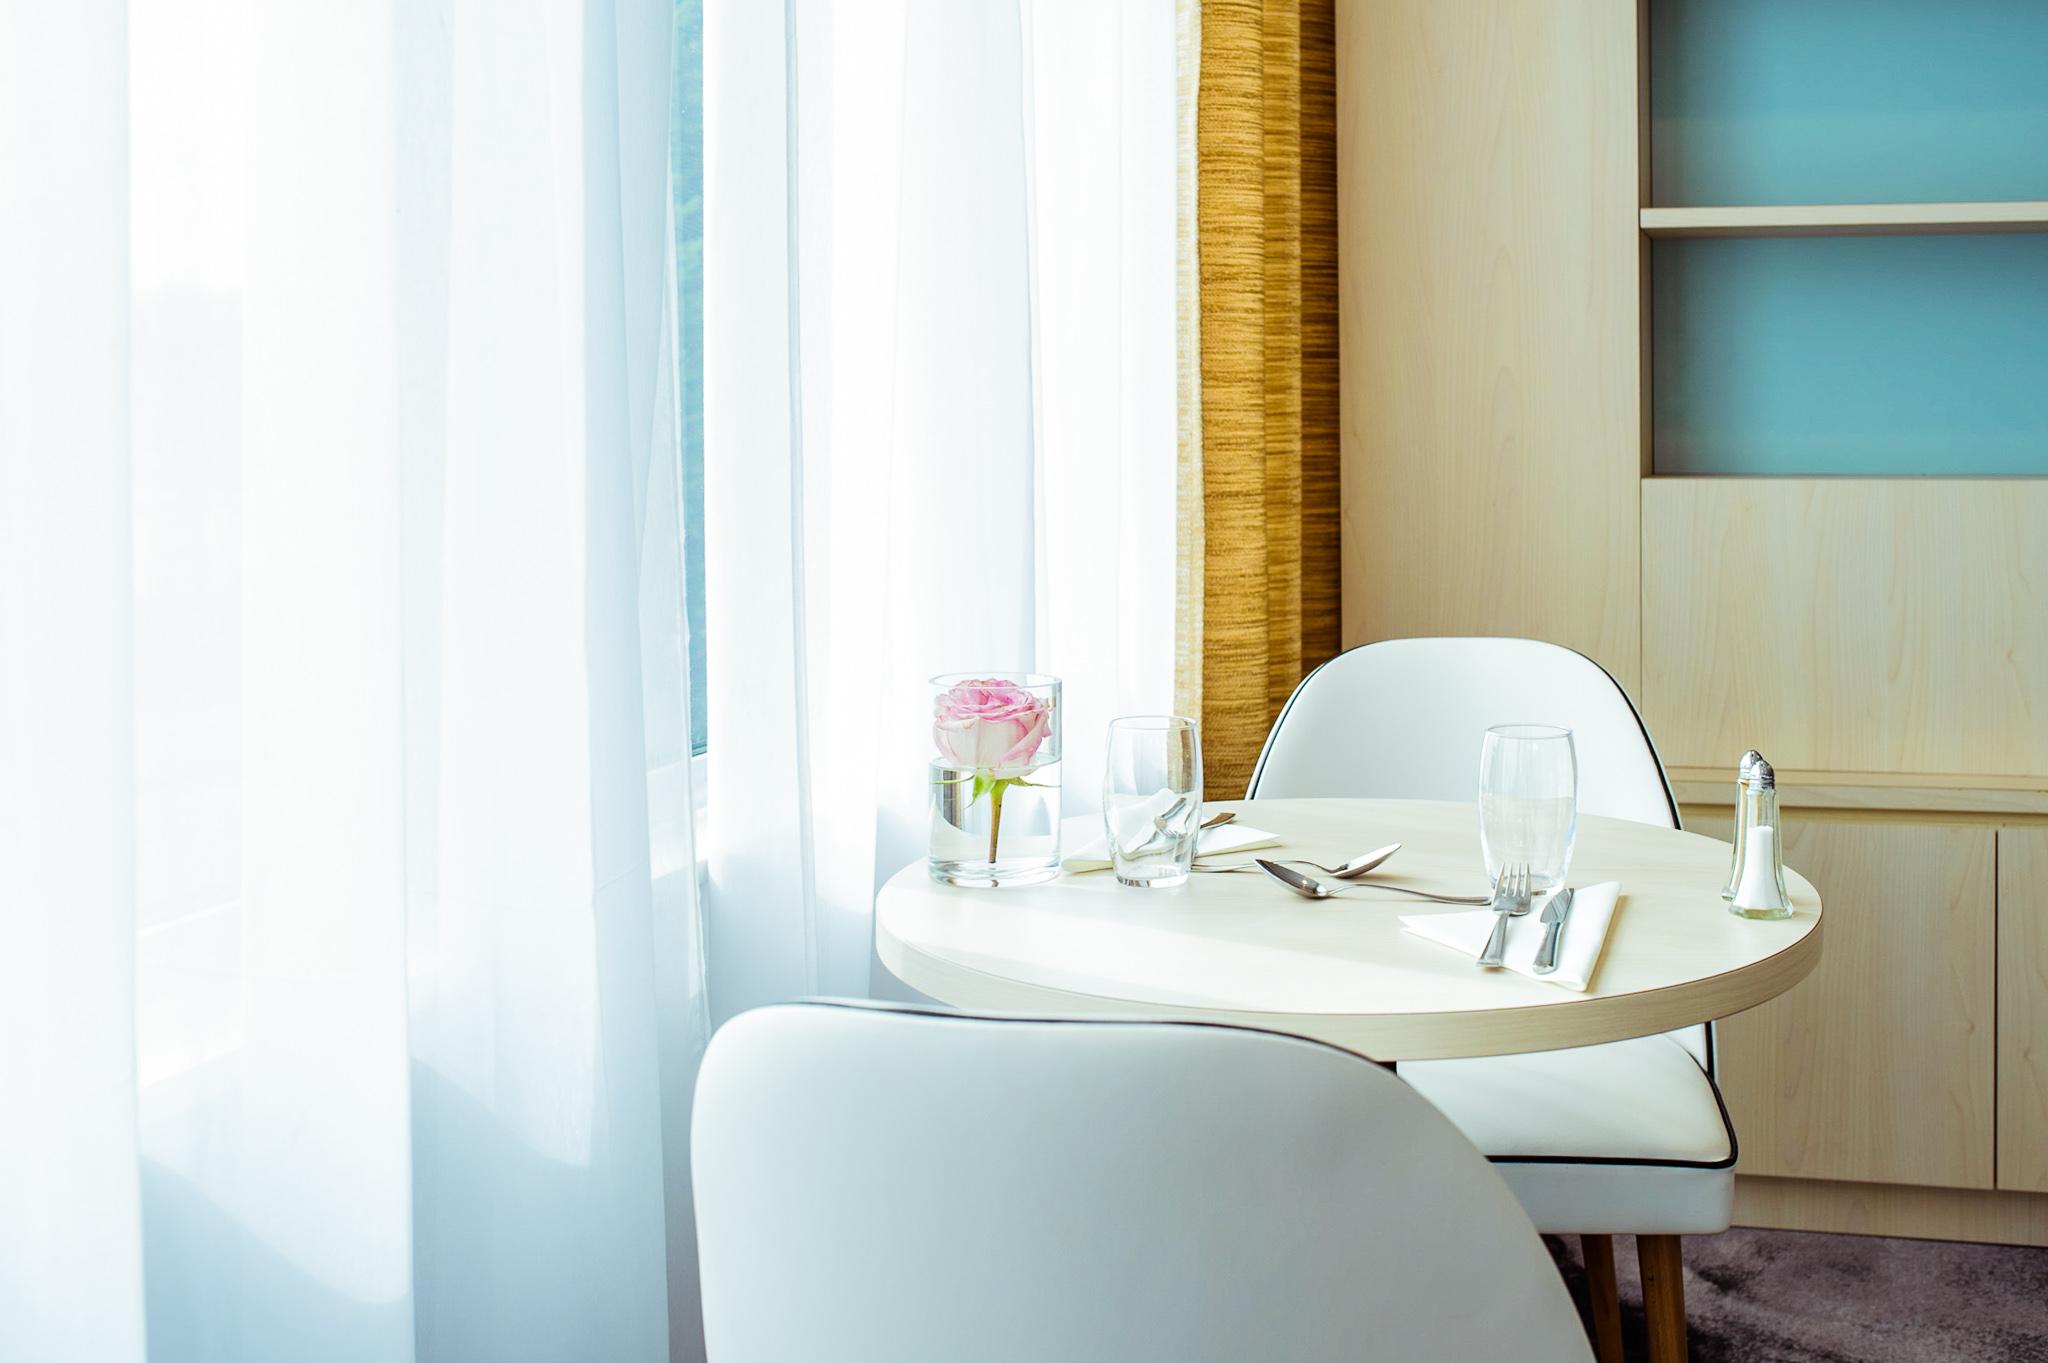 table, intérieur, chaises, rideau, architecture, locaux